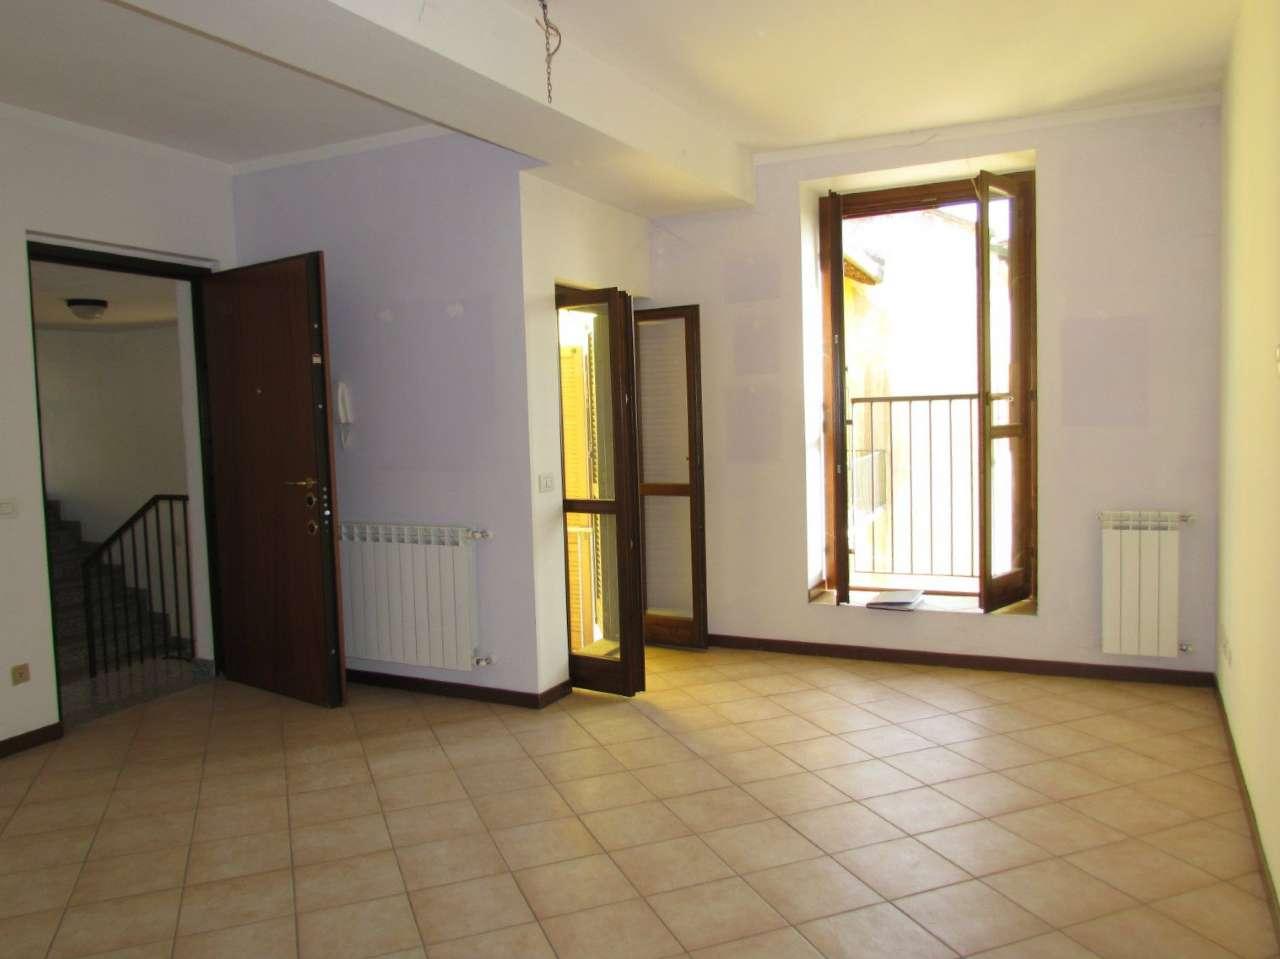 Appartamento in affitto a Lonate Ceppino, 2 locali, prezzo € 450 | CambioCasa.it